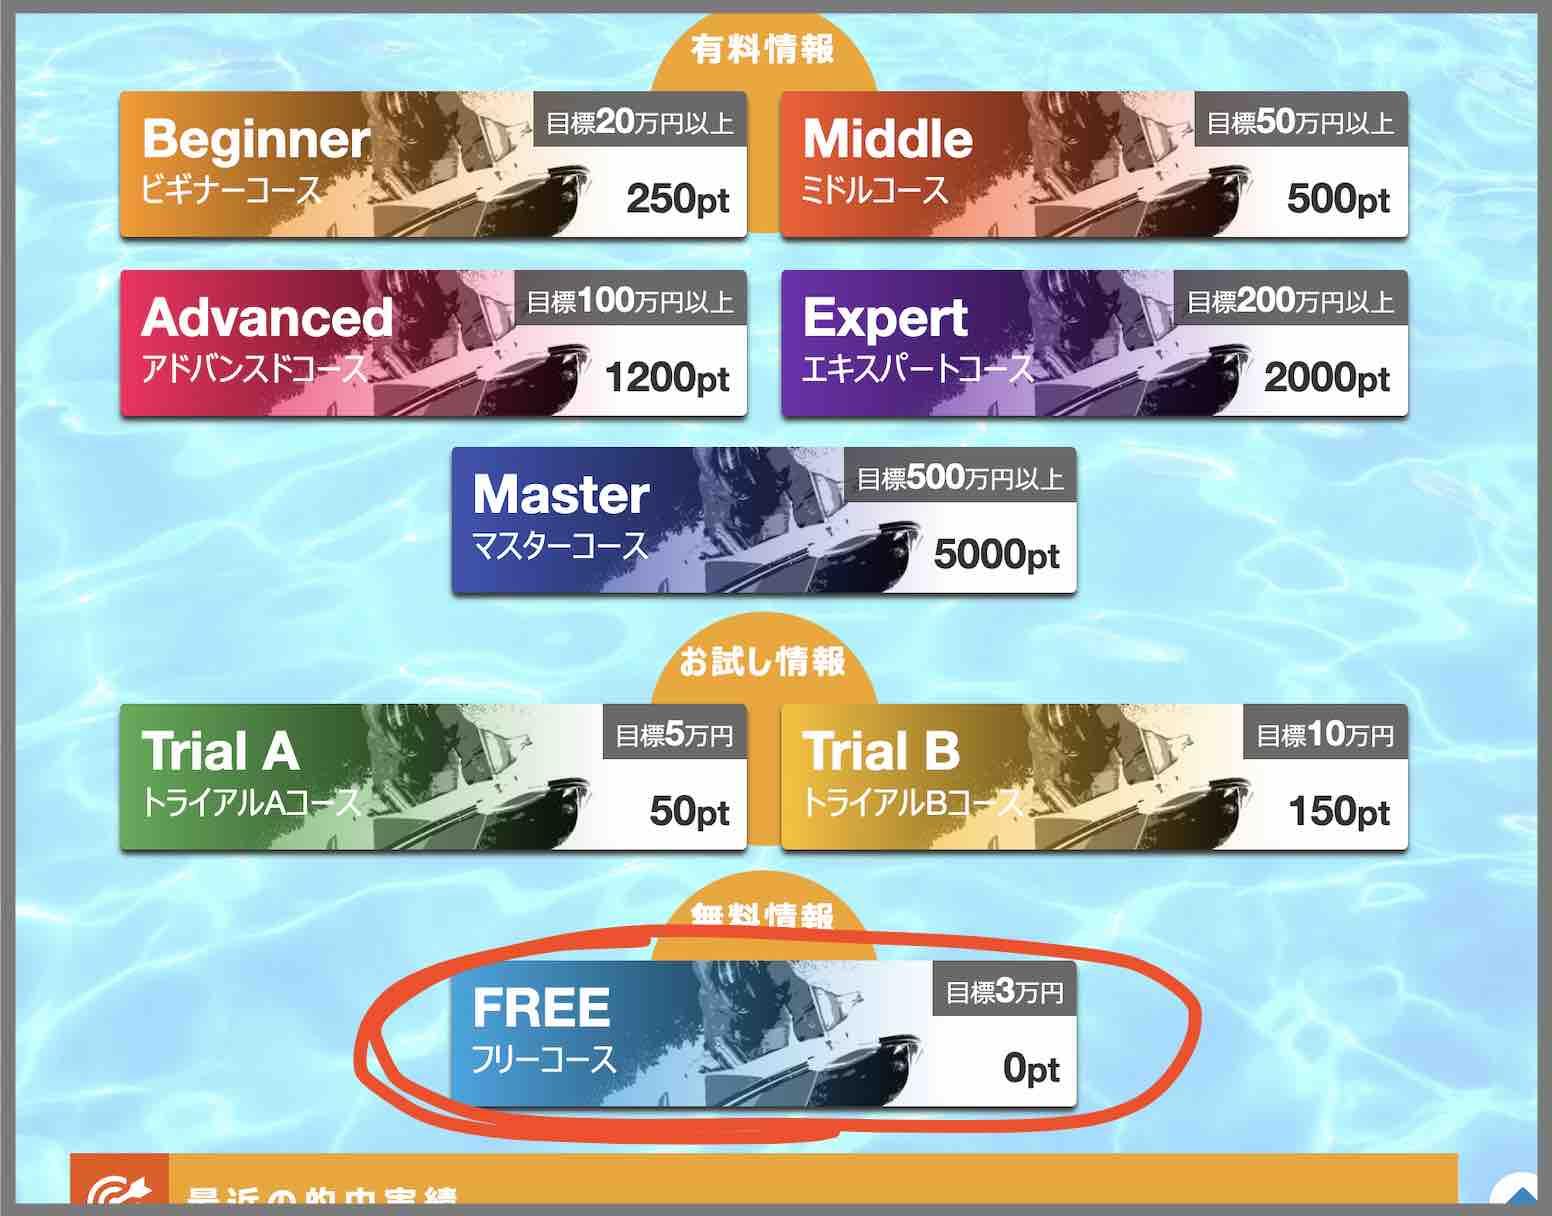 フルスロットルという競艇予想サイト(ボートレース予想サイト)の無料予想(無料情報)を確認する